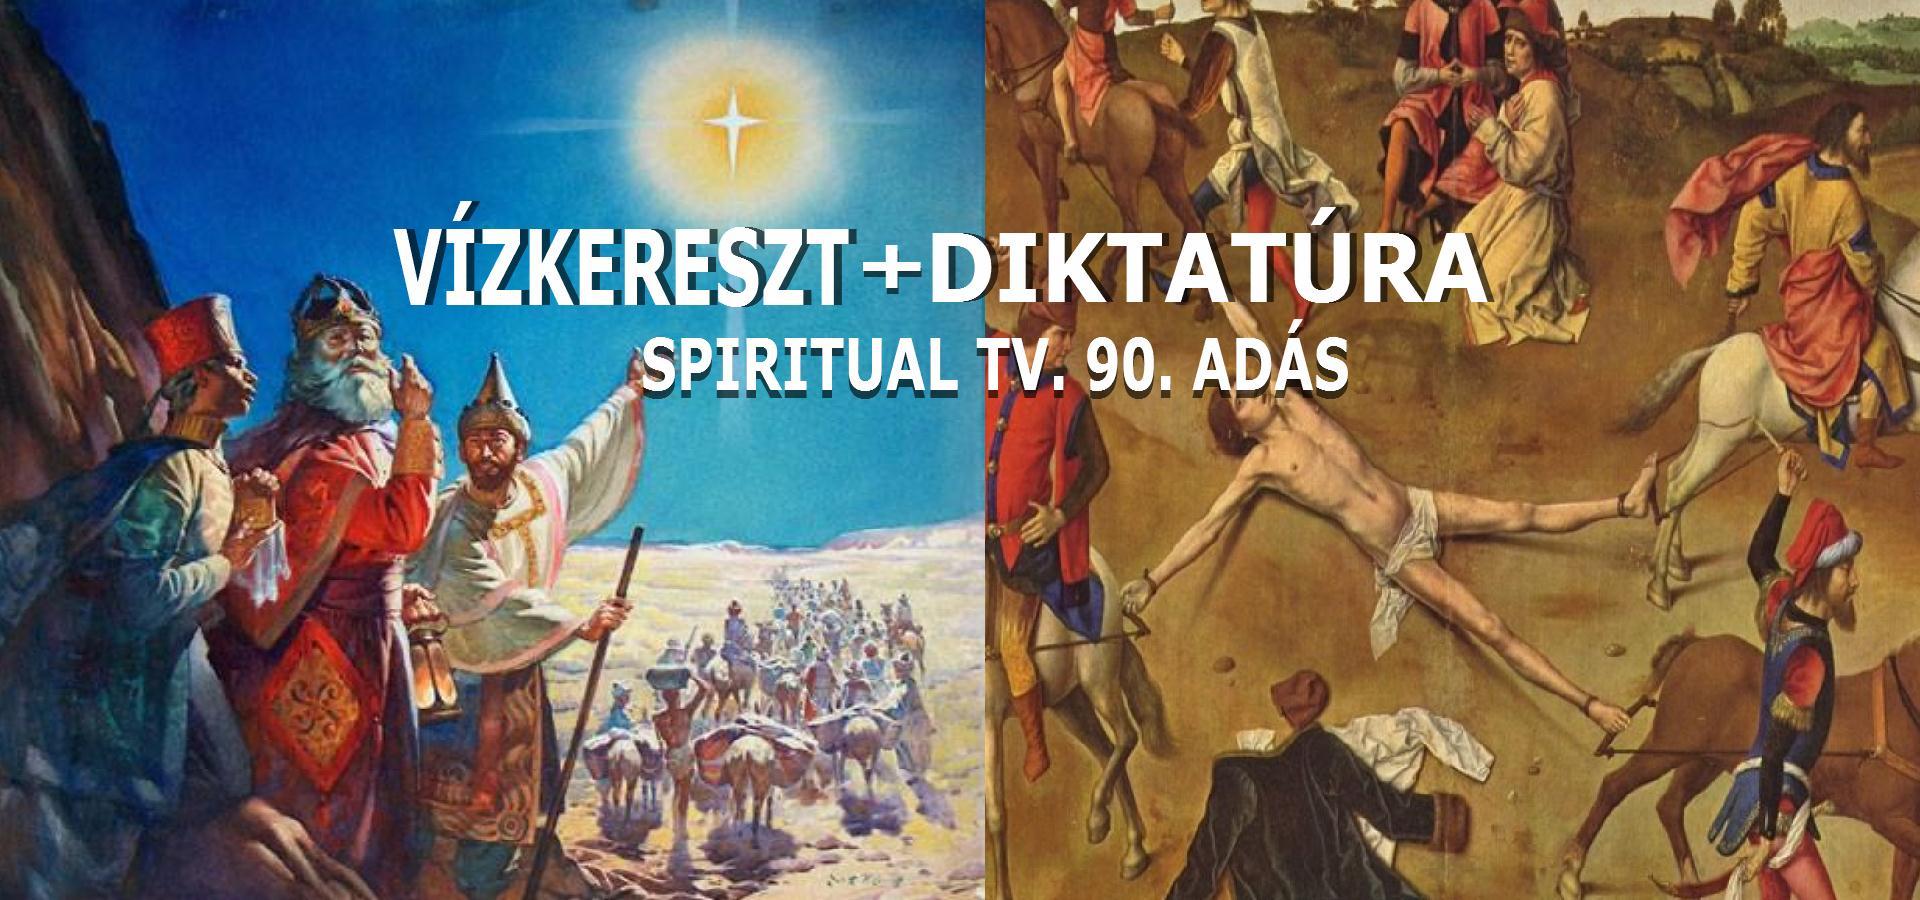 2019.01.07. Heffner Attila előadása